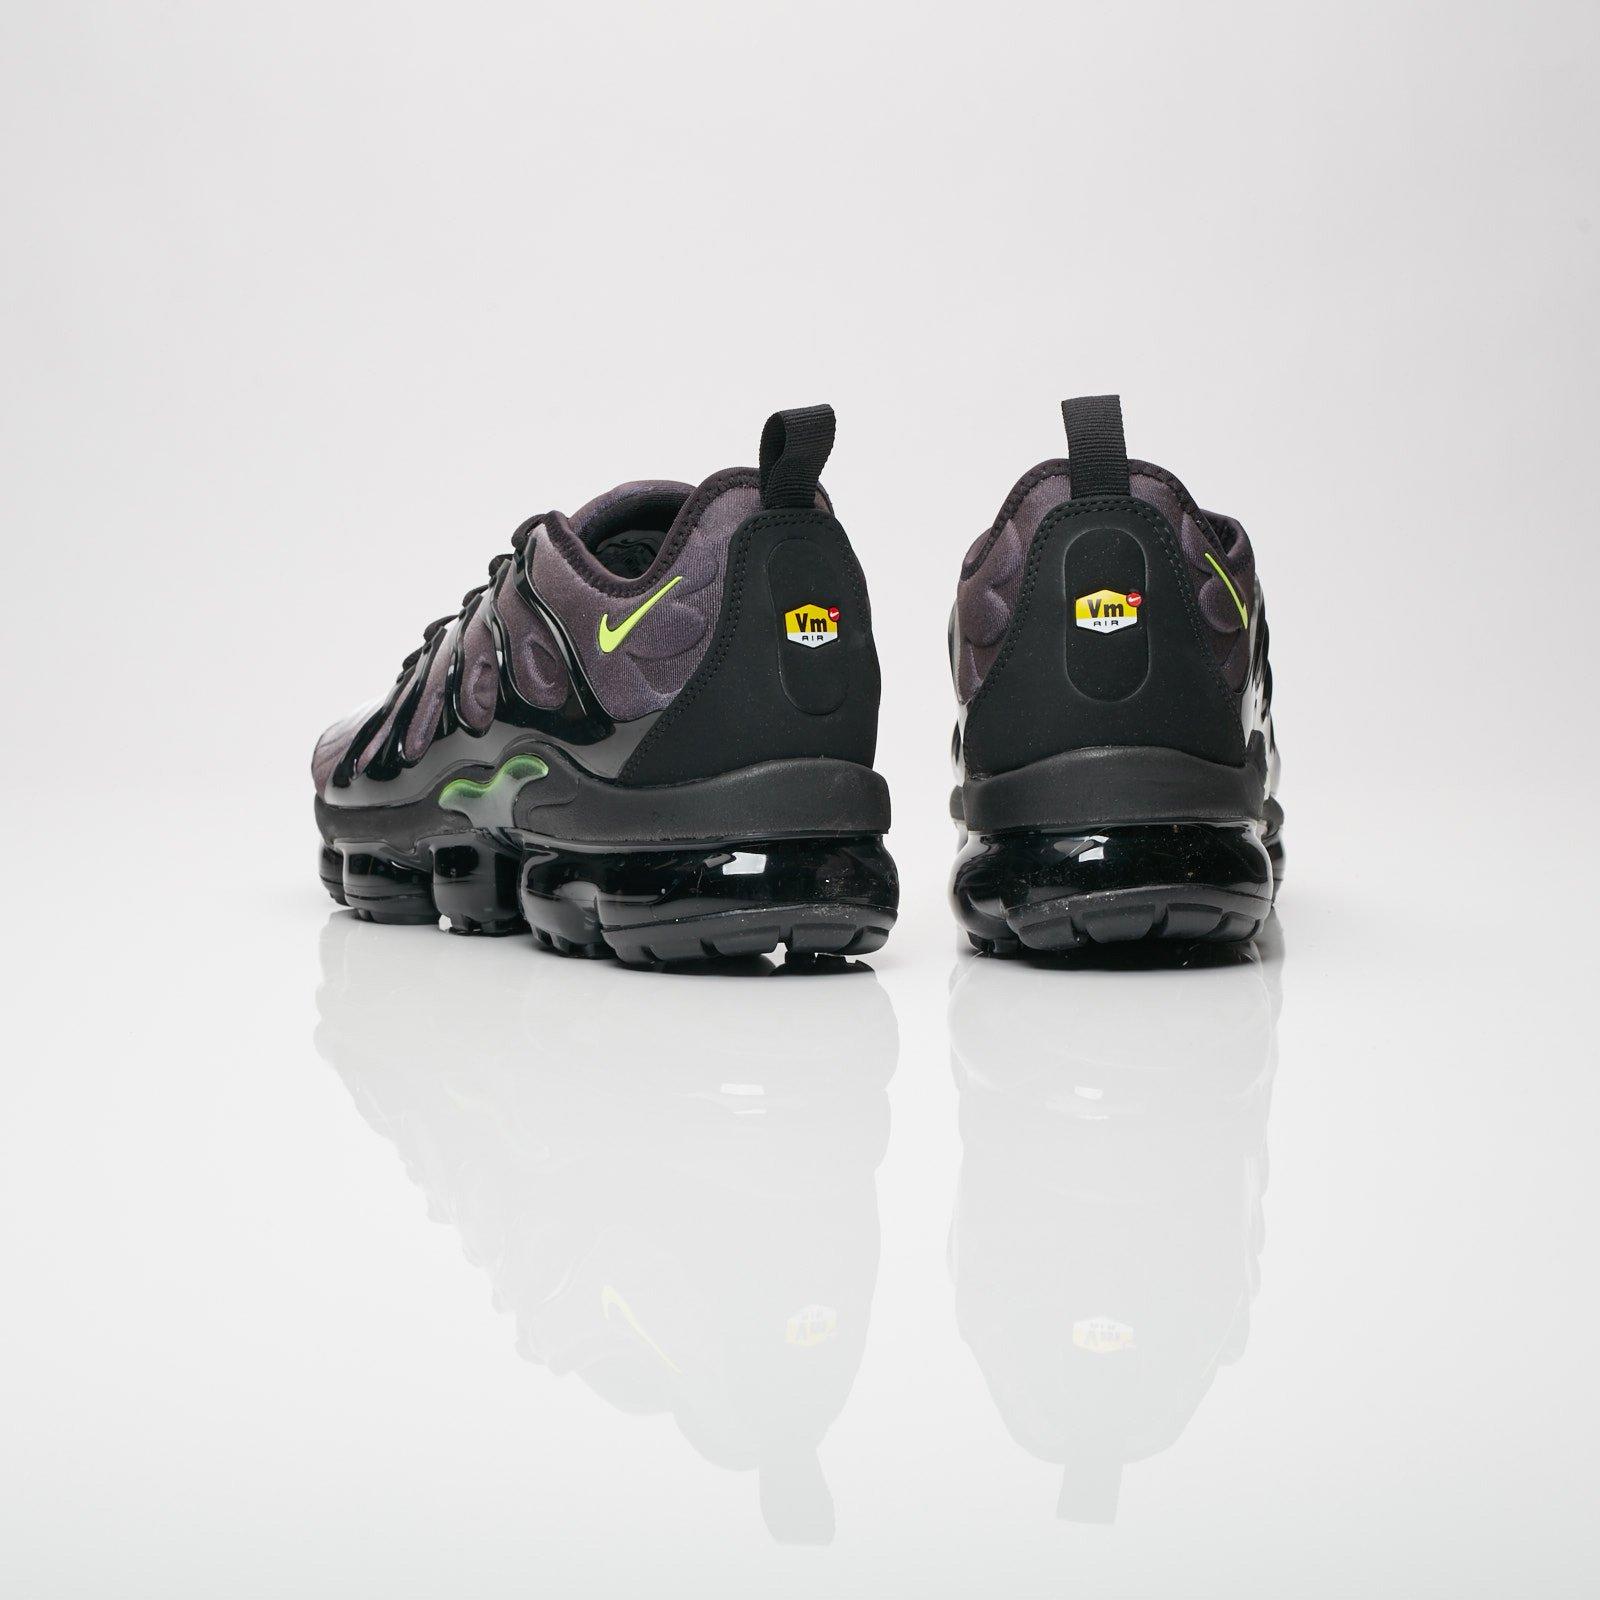 2898909eab Nike Air Vapormax Plus - 924453-009 - Sneakersnstuff | sneakers &  streetwear online since 1999